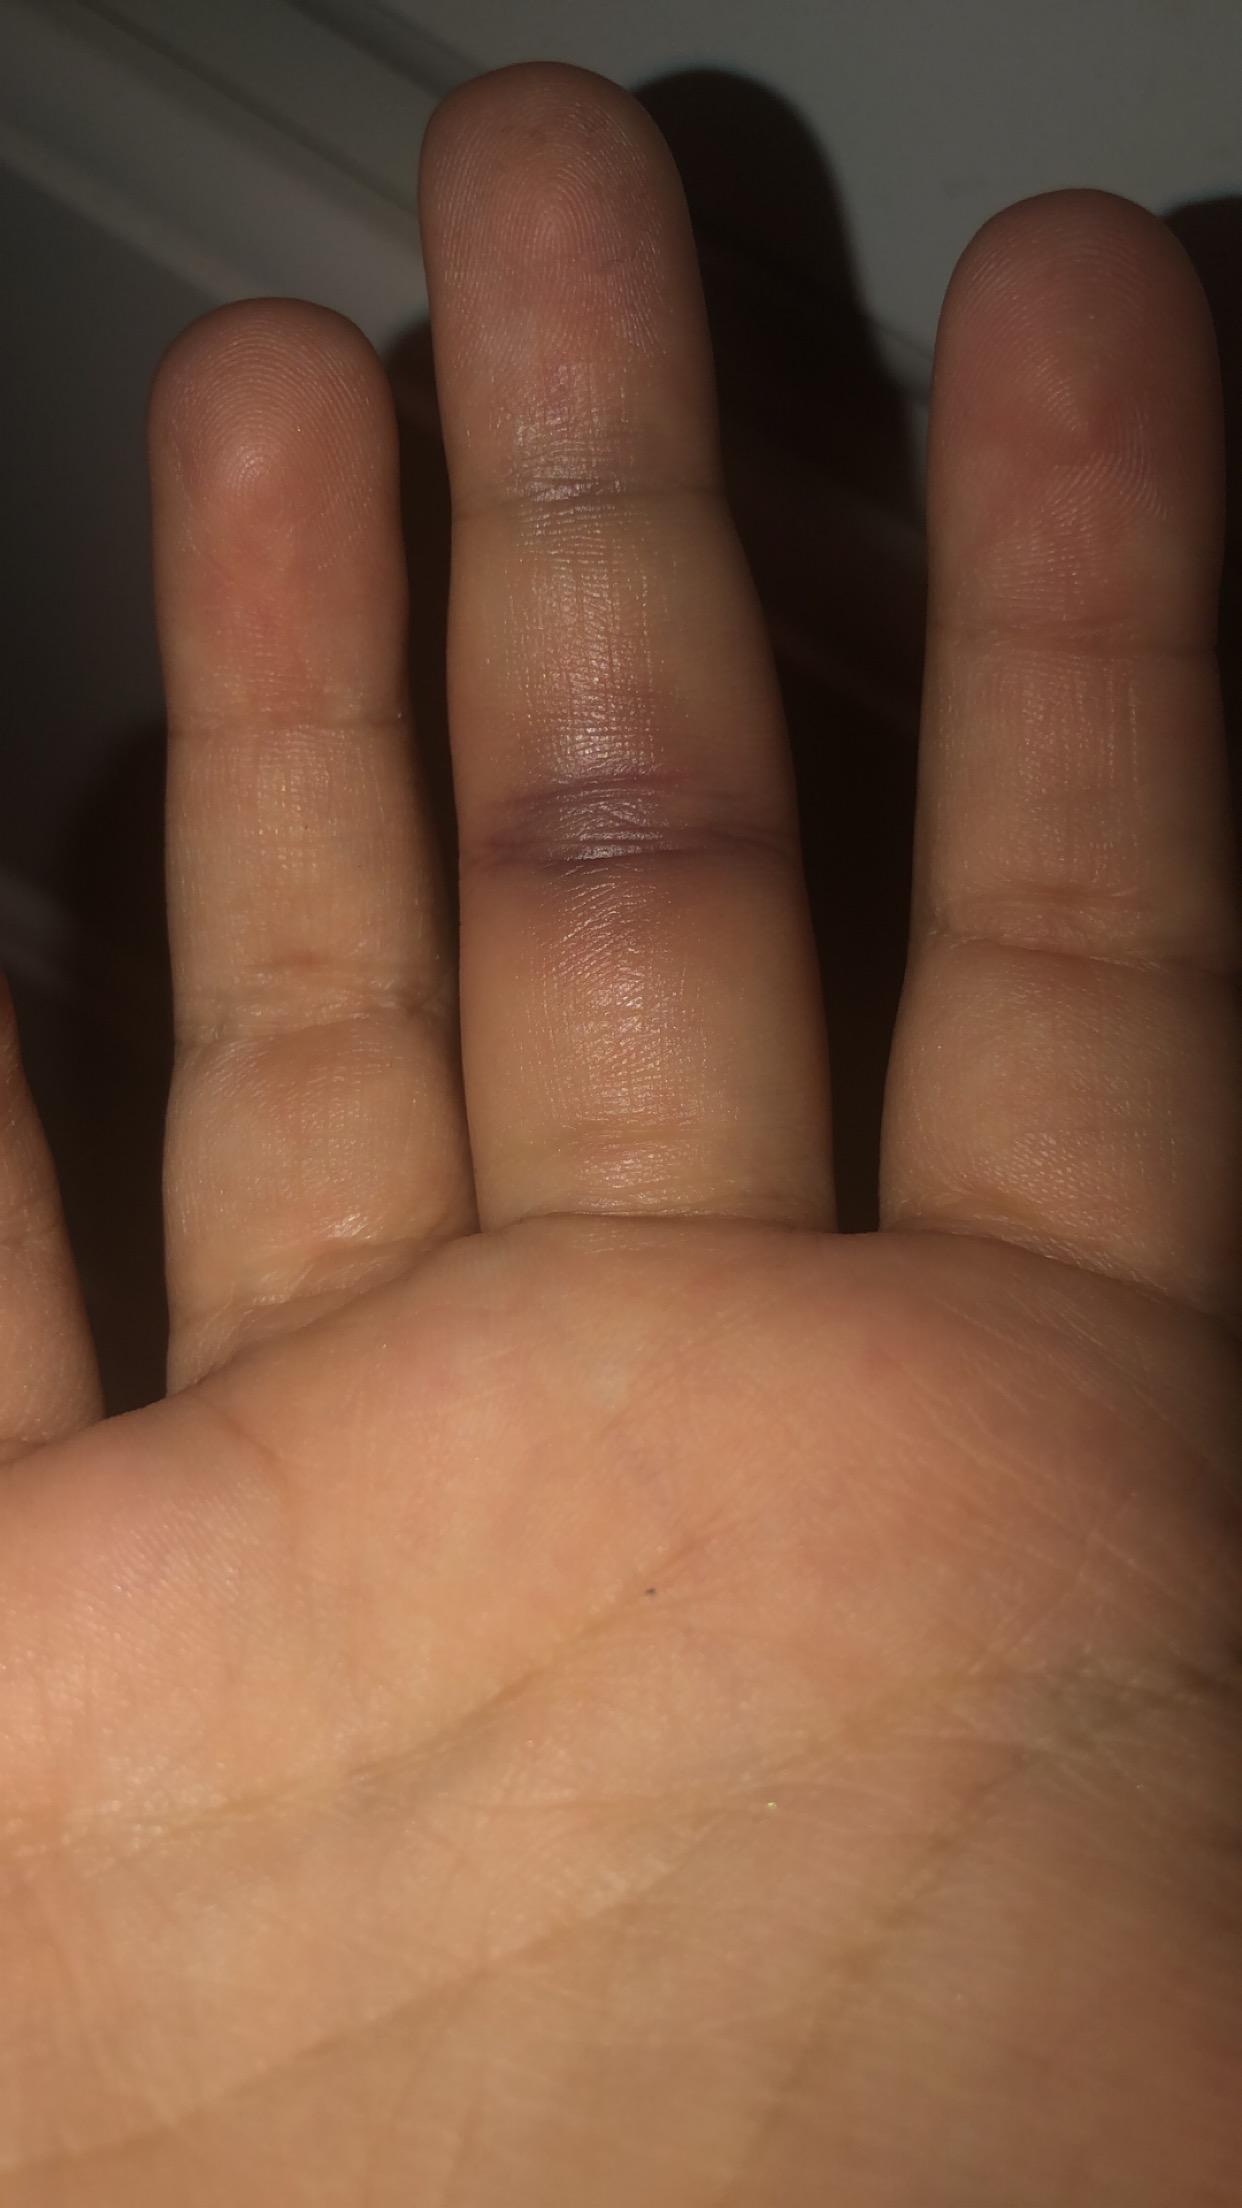 finger auf einmal dick und blau